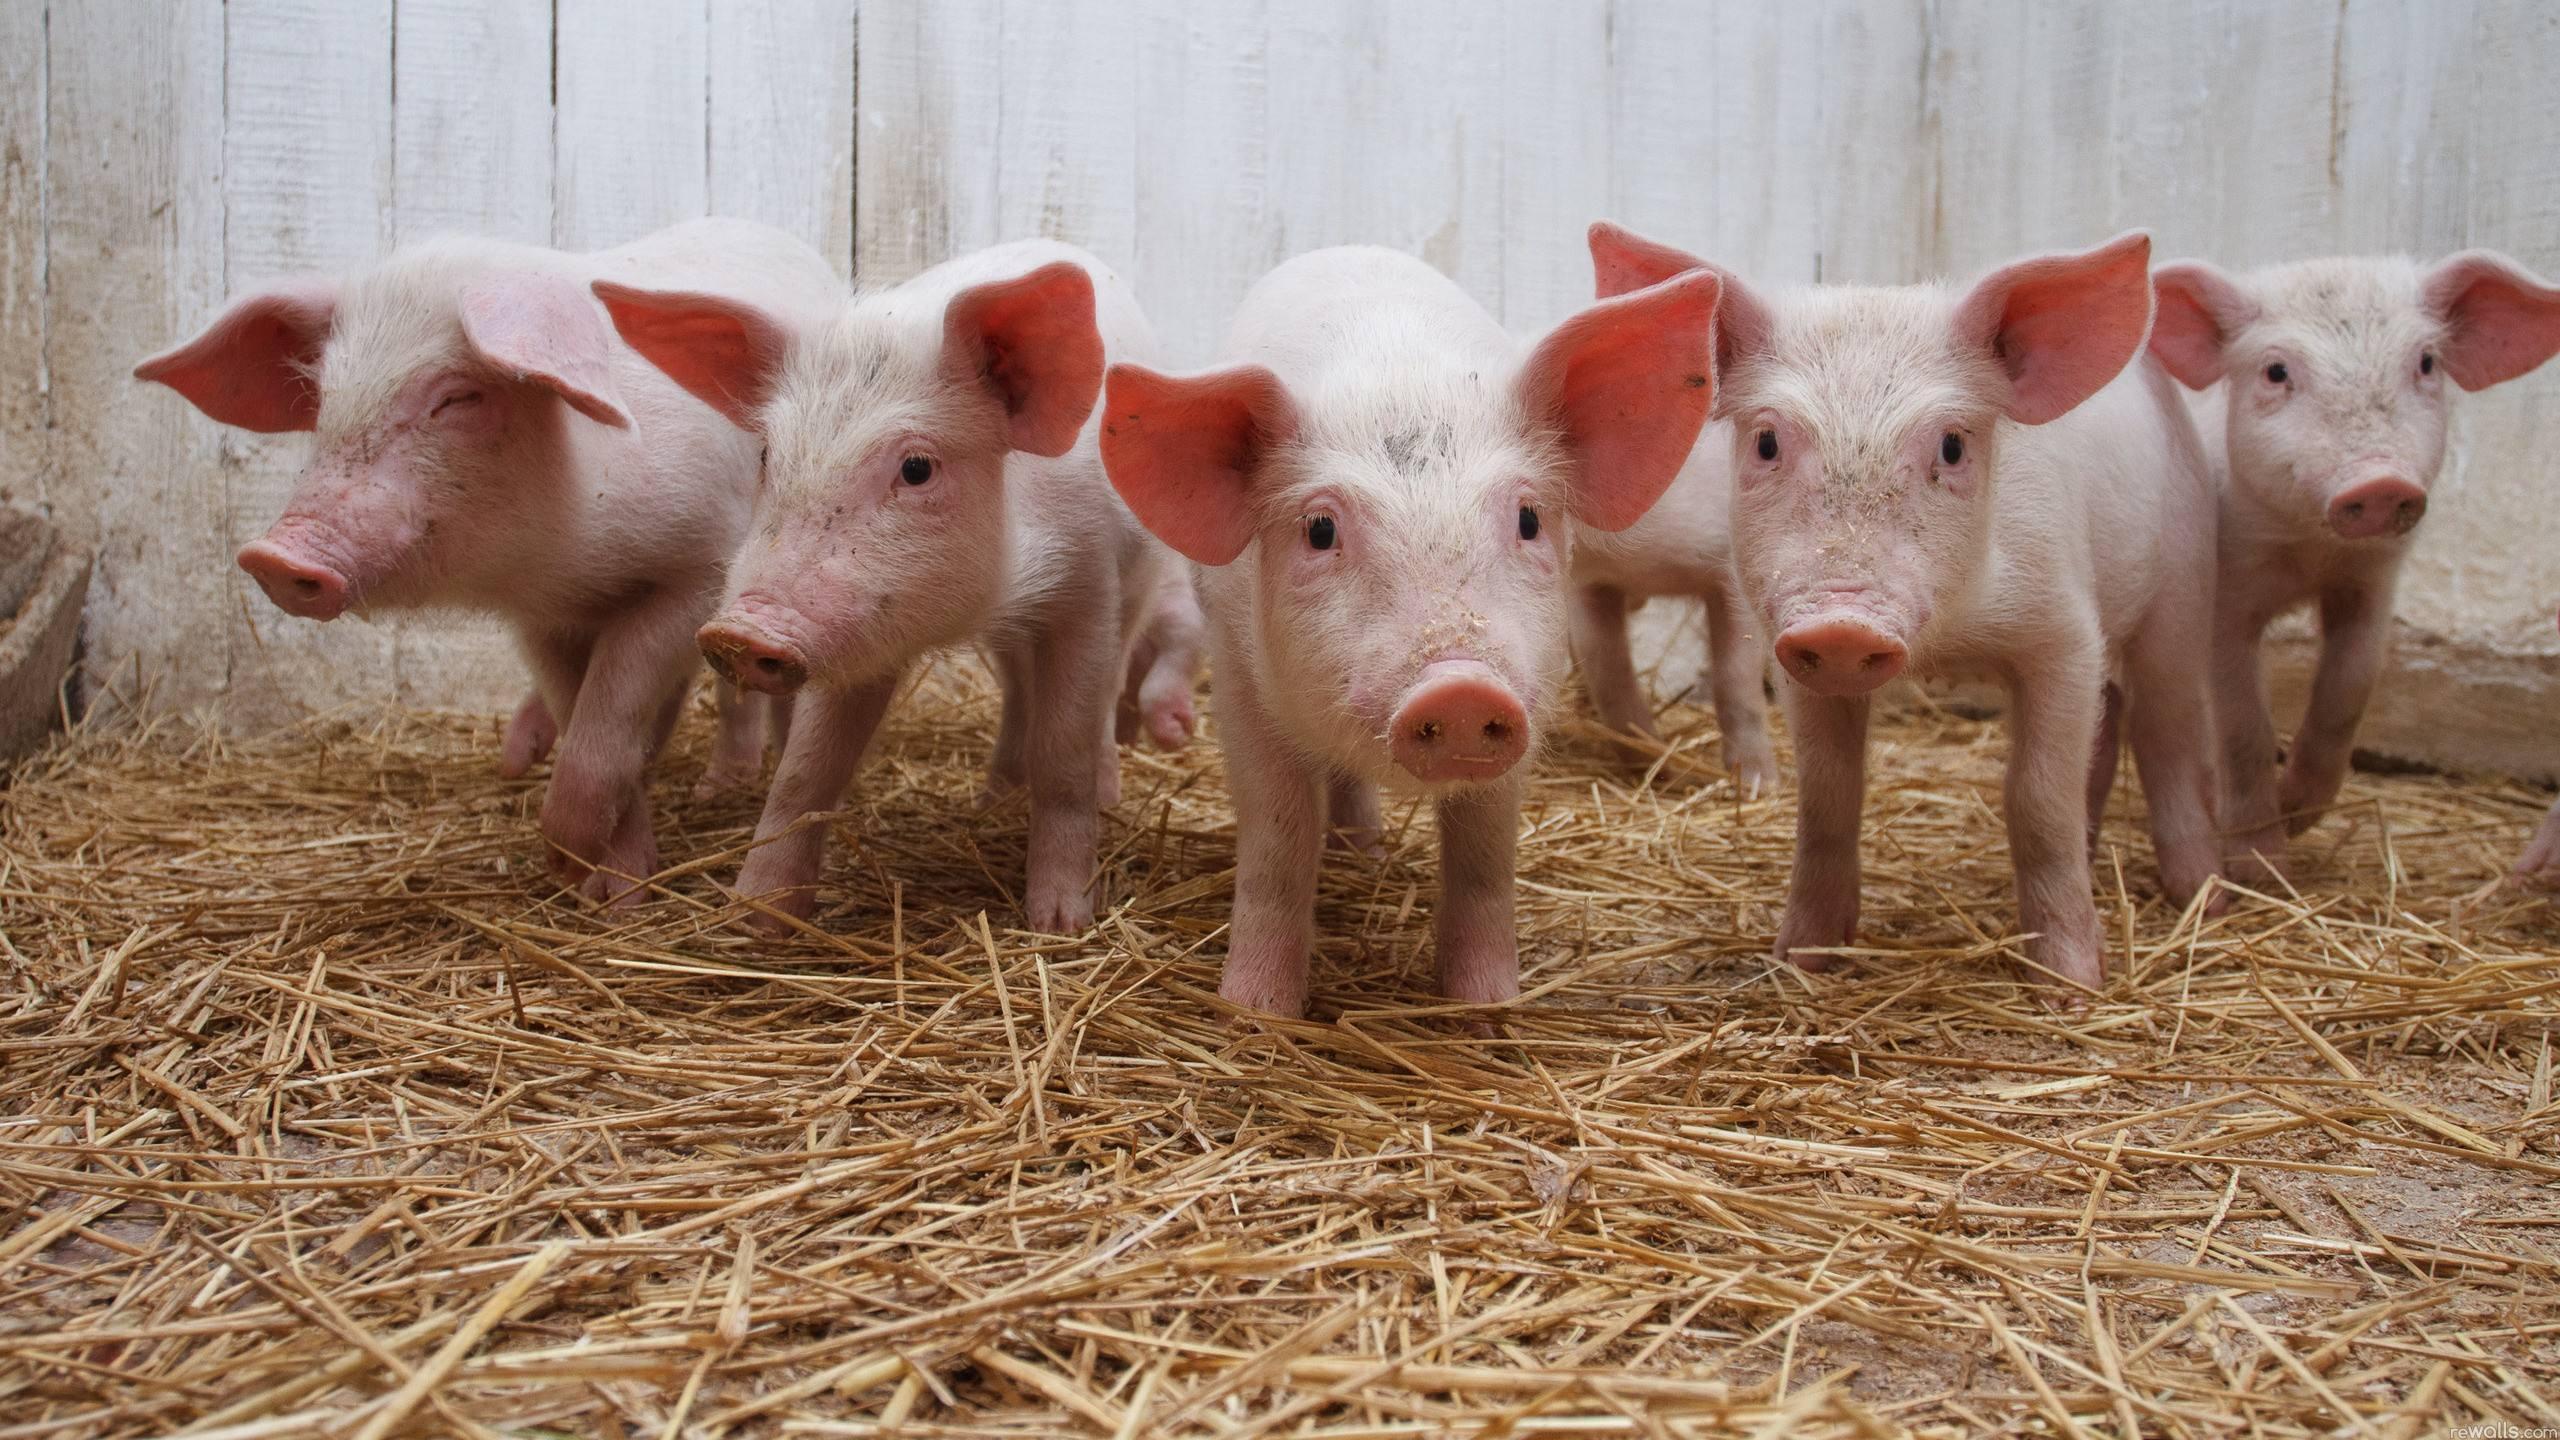 """6月2日20公斤仔猪价格,猪价轨迹偏离,仔猪""""一蹶不振""""跌入新低?"""